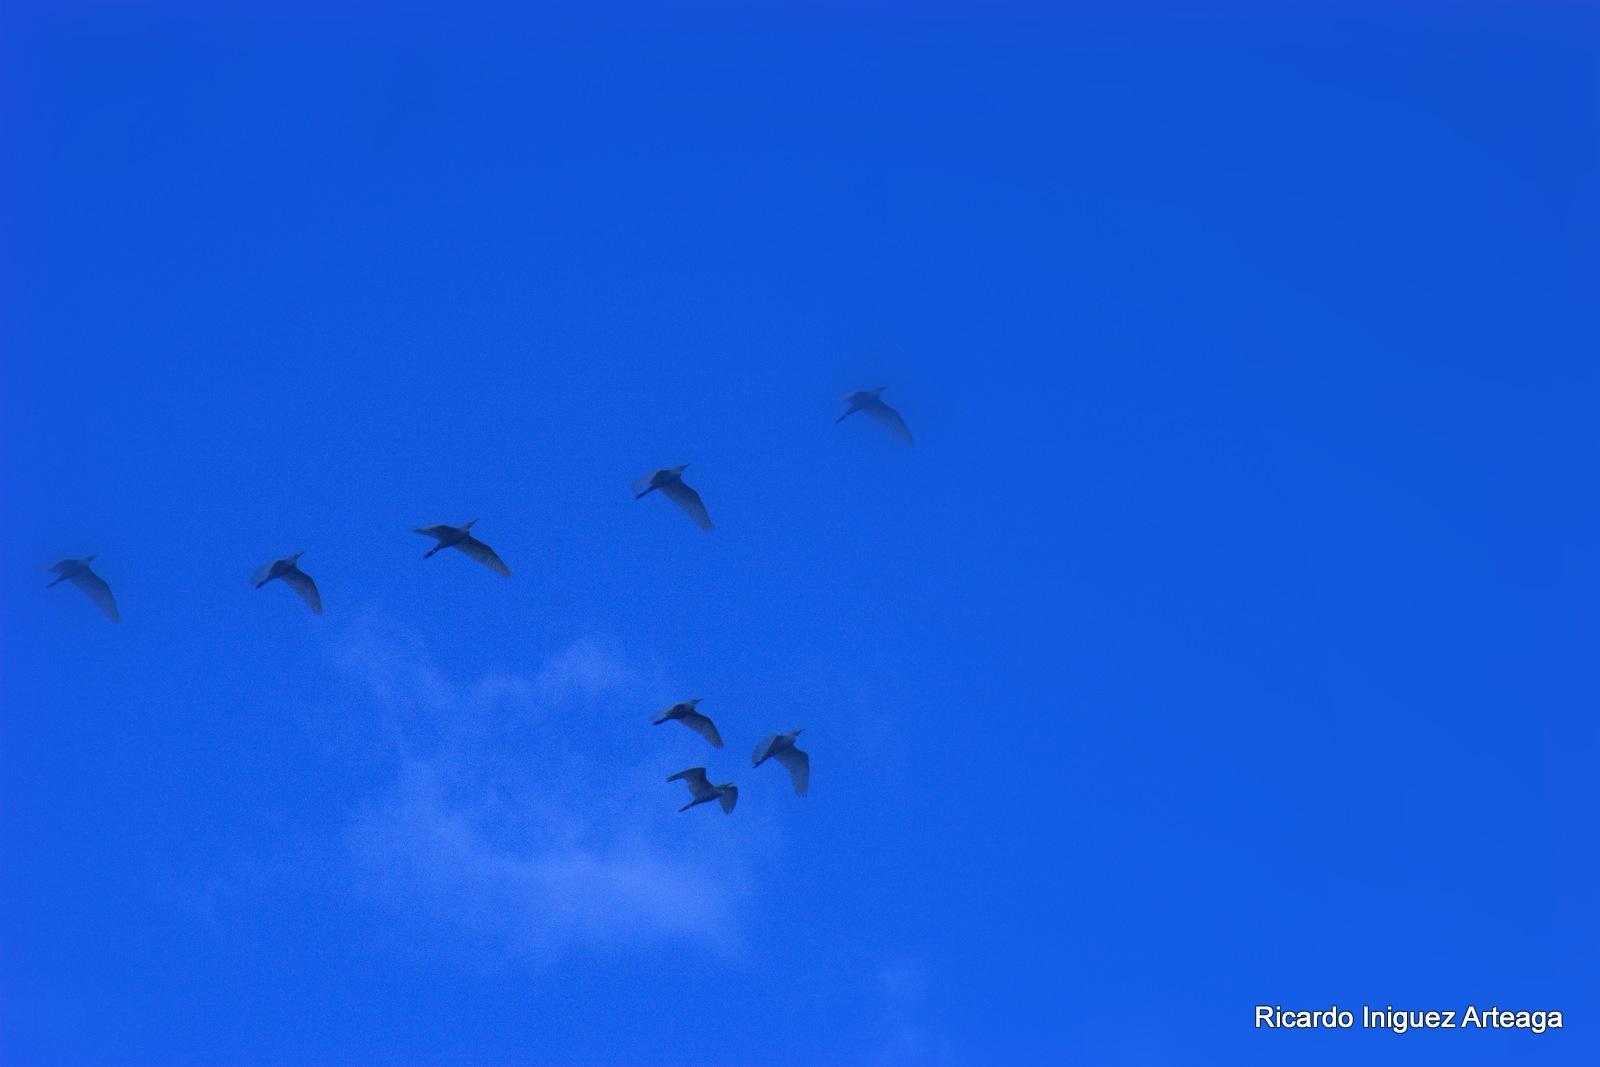 Vuelo bajo el cielo azul by Ricardo Iniguez Arteaga